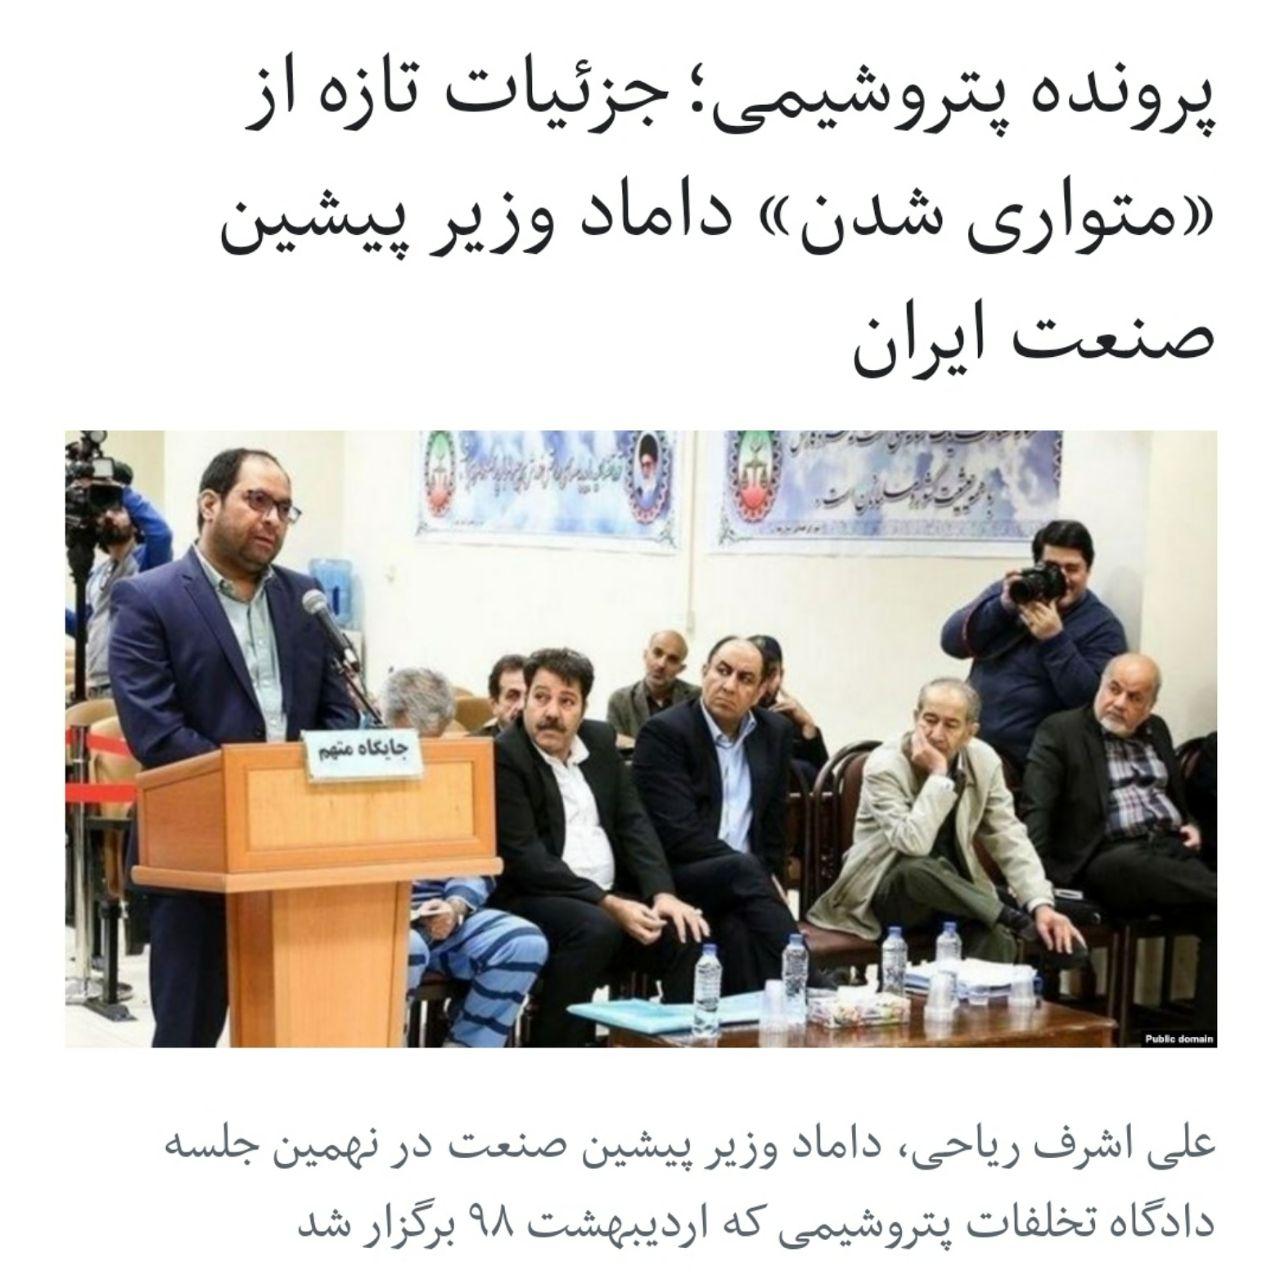 علی اشرف ریاحی، داماد محمدرضا … 248000001595341806